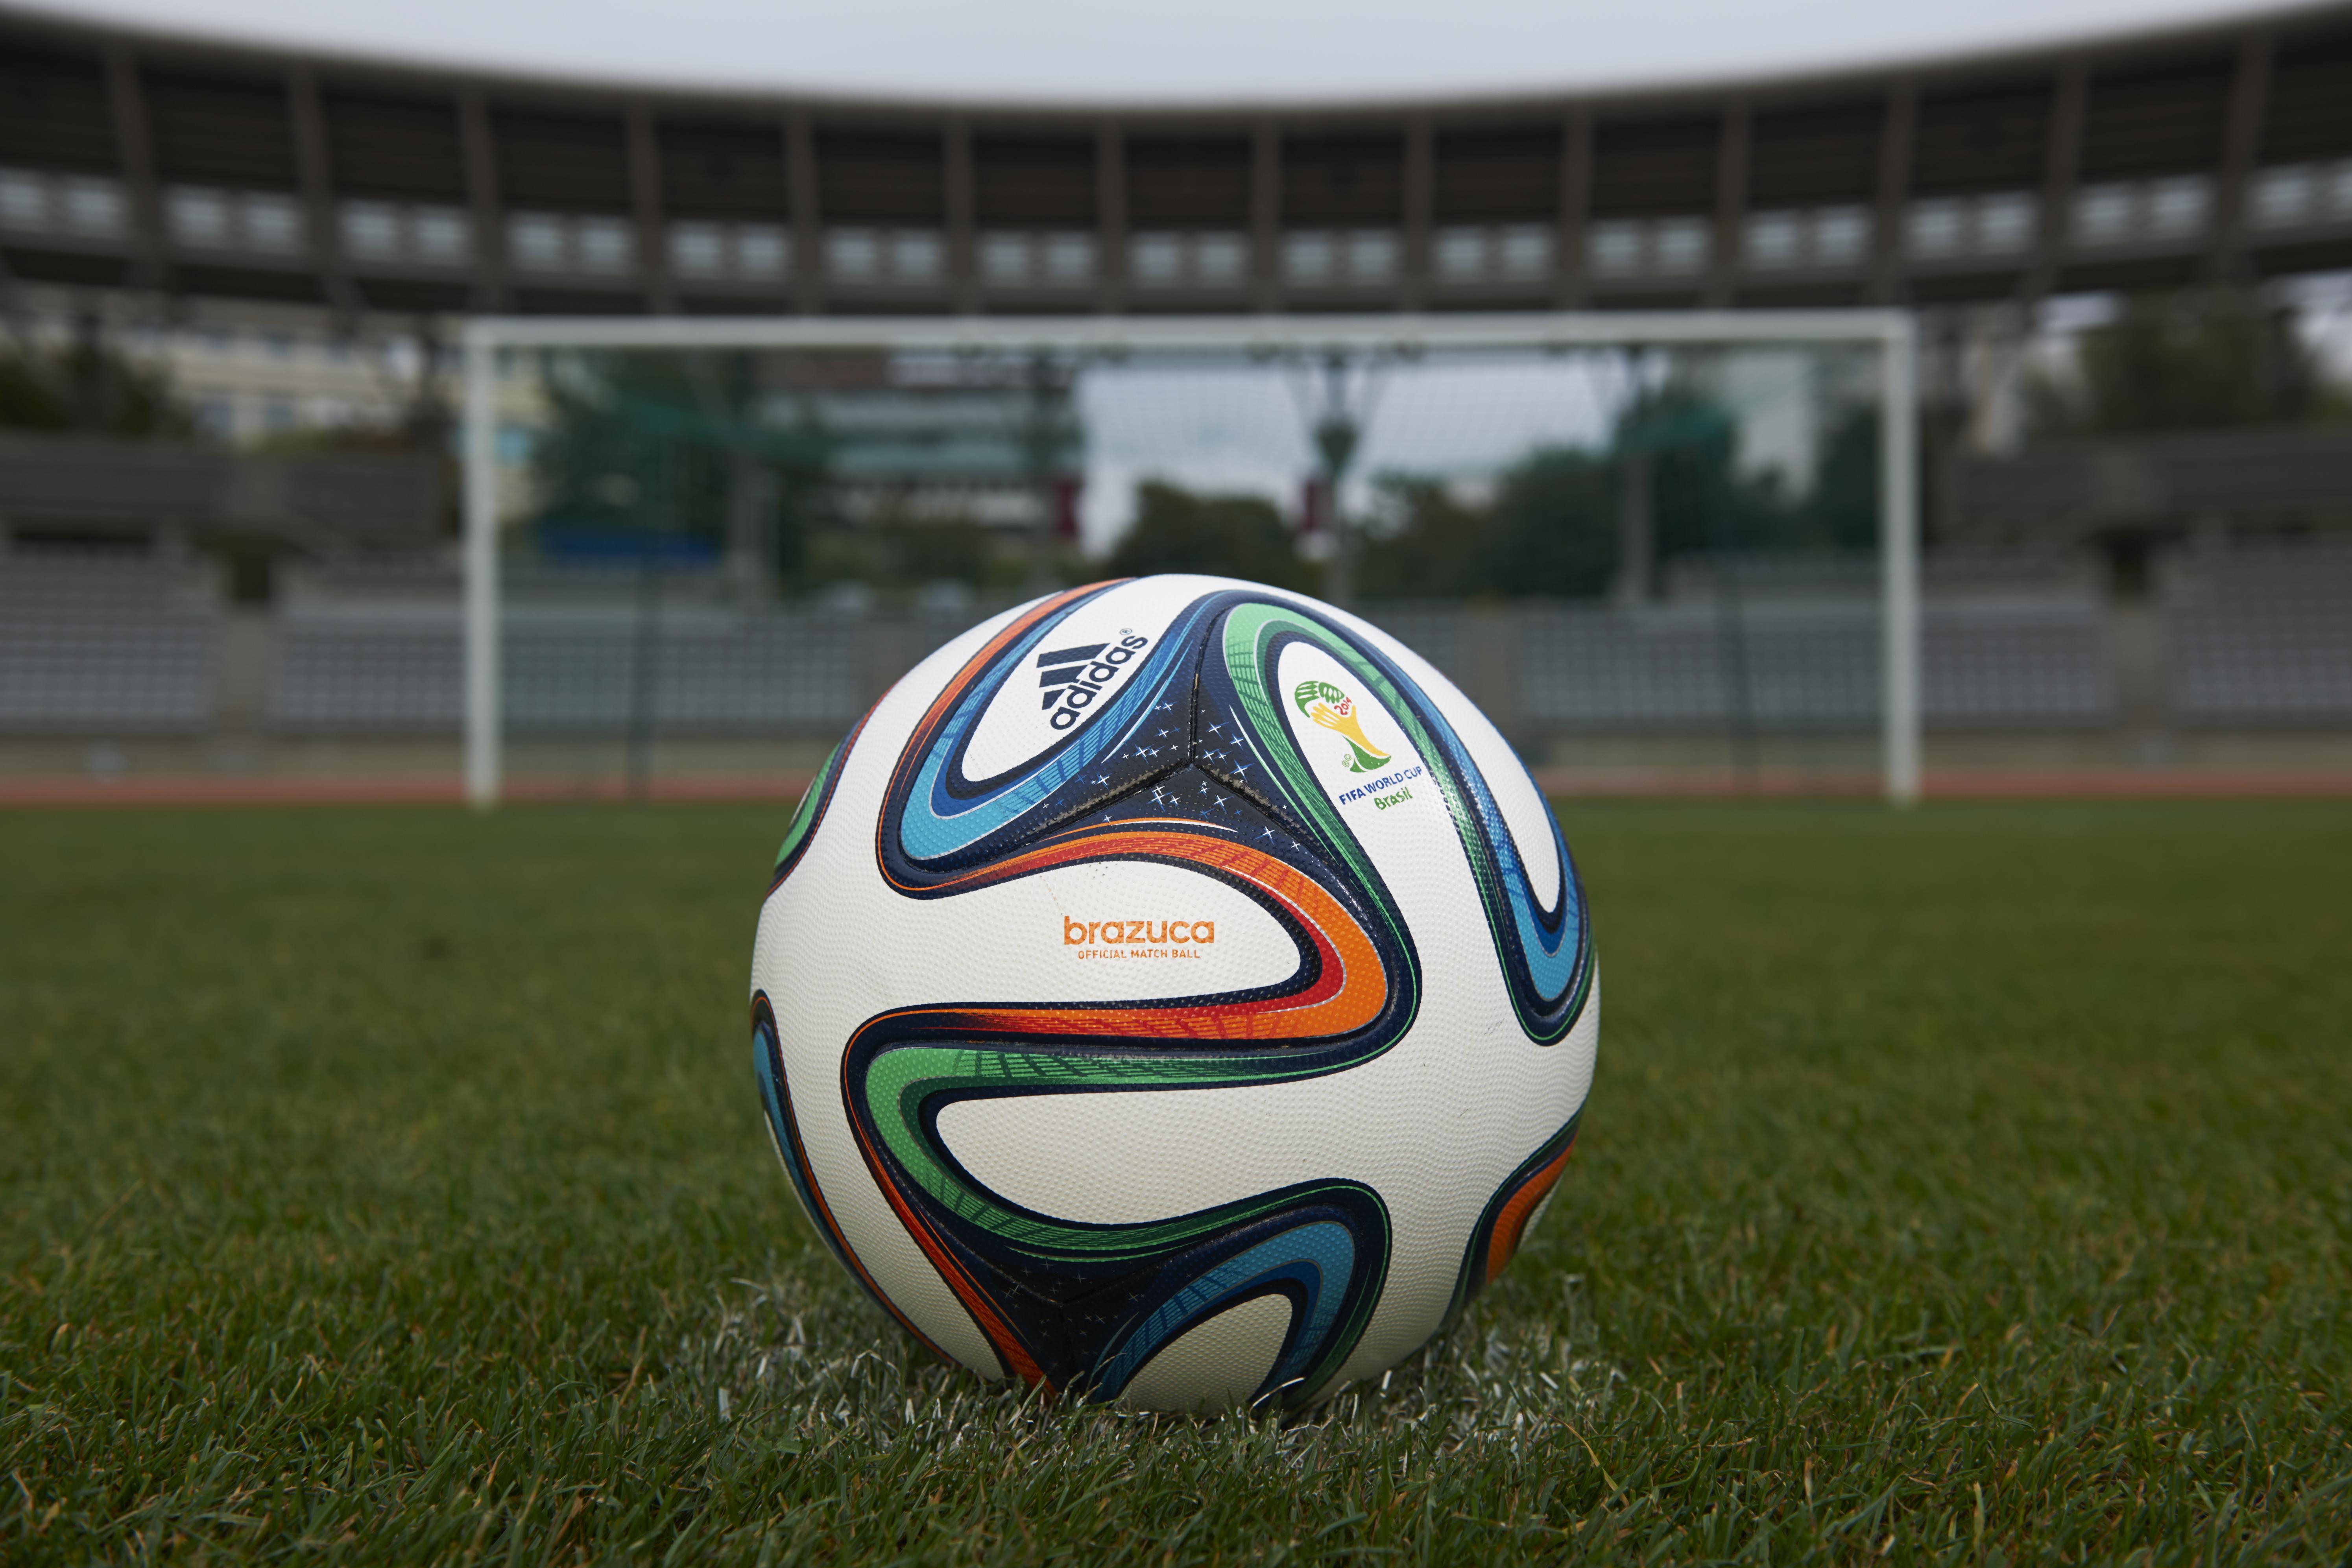 El balón brazuca ha debido superar las pruebas más exigentes durante más de  dos años y medio d21f71df5ef99